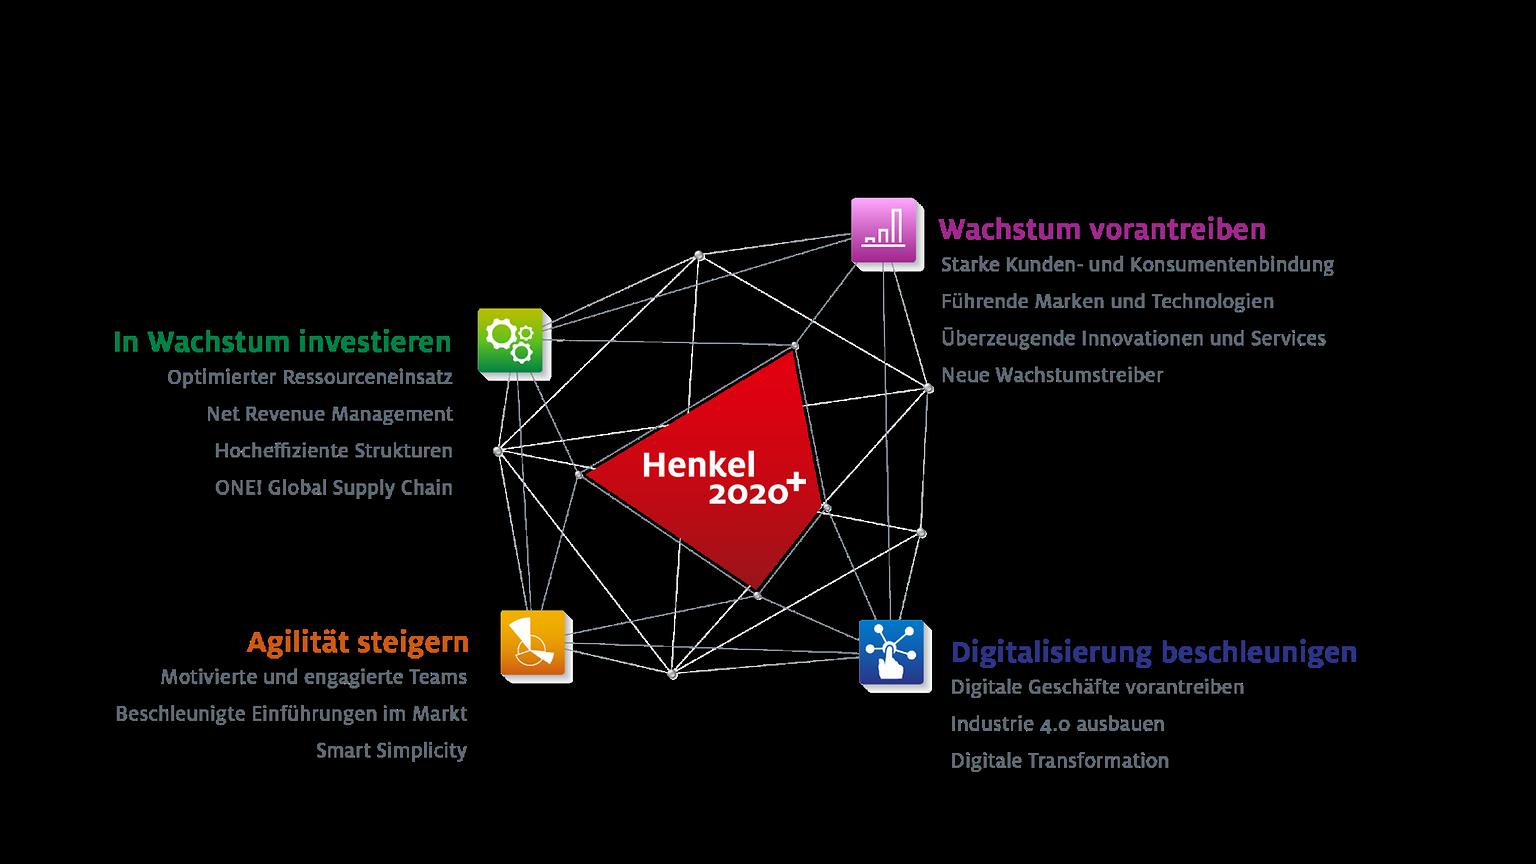 Henkel Strategie: unsere strategischen Prioritäten und Initiativen.